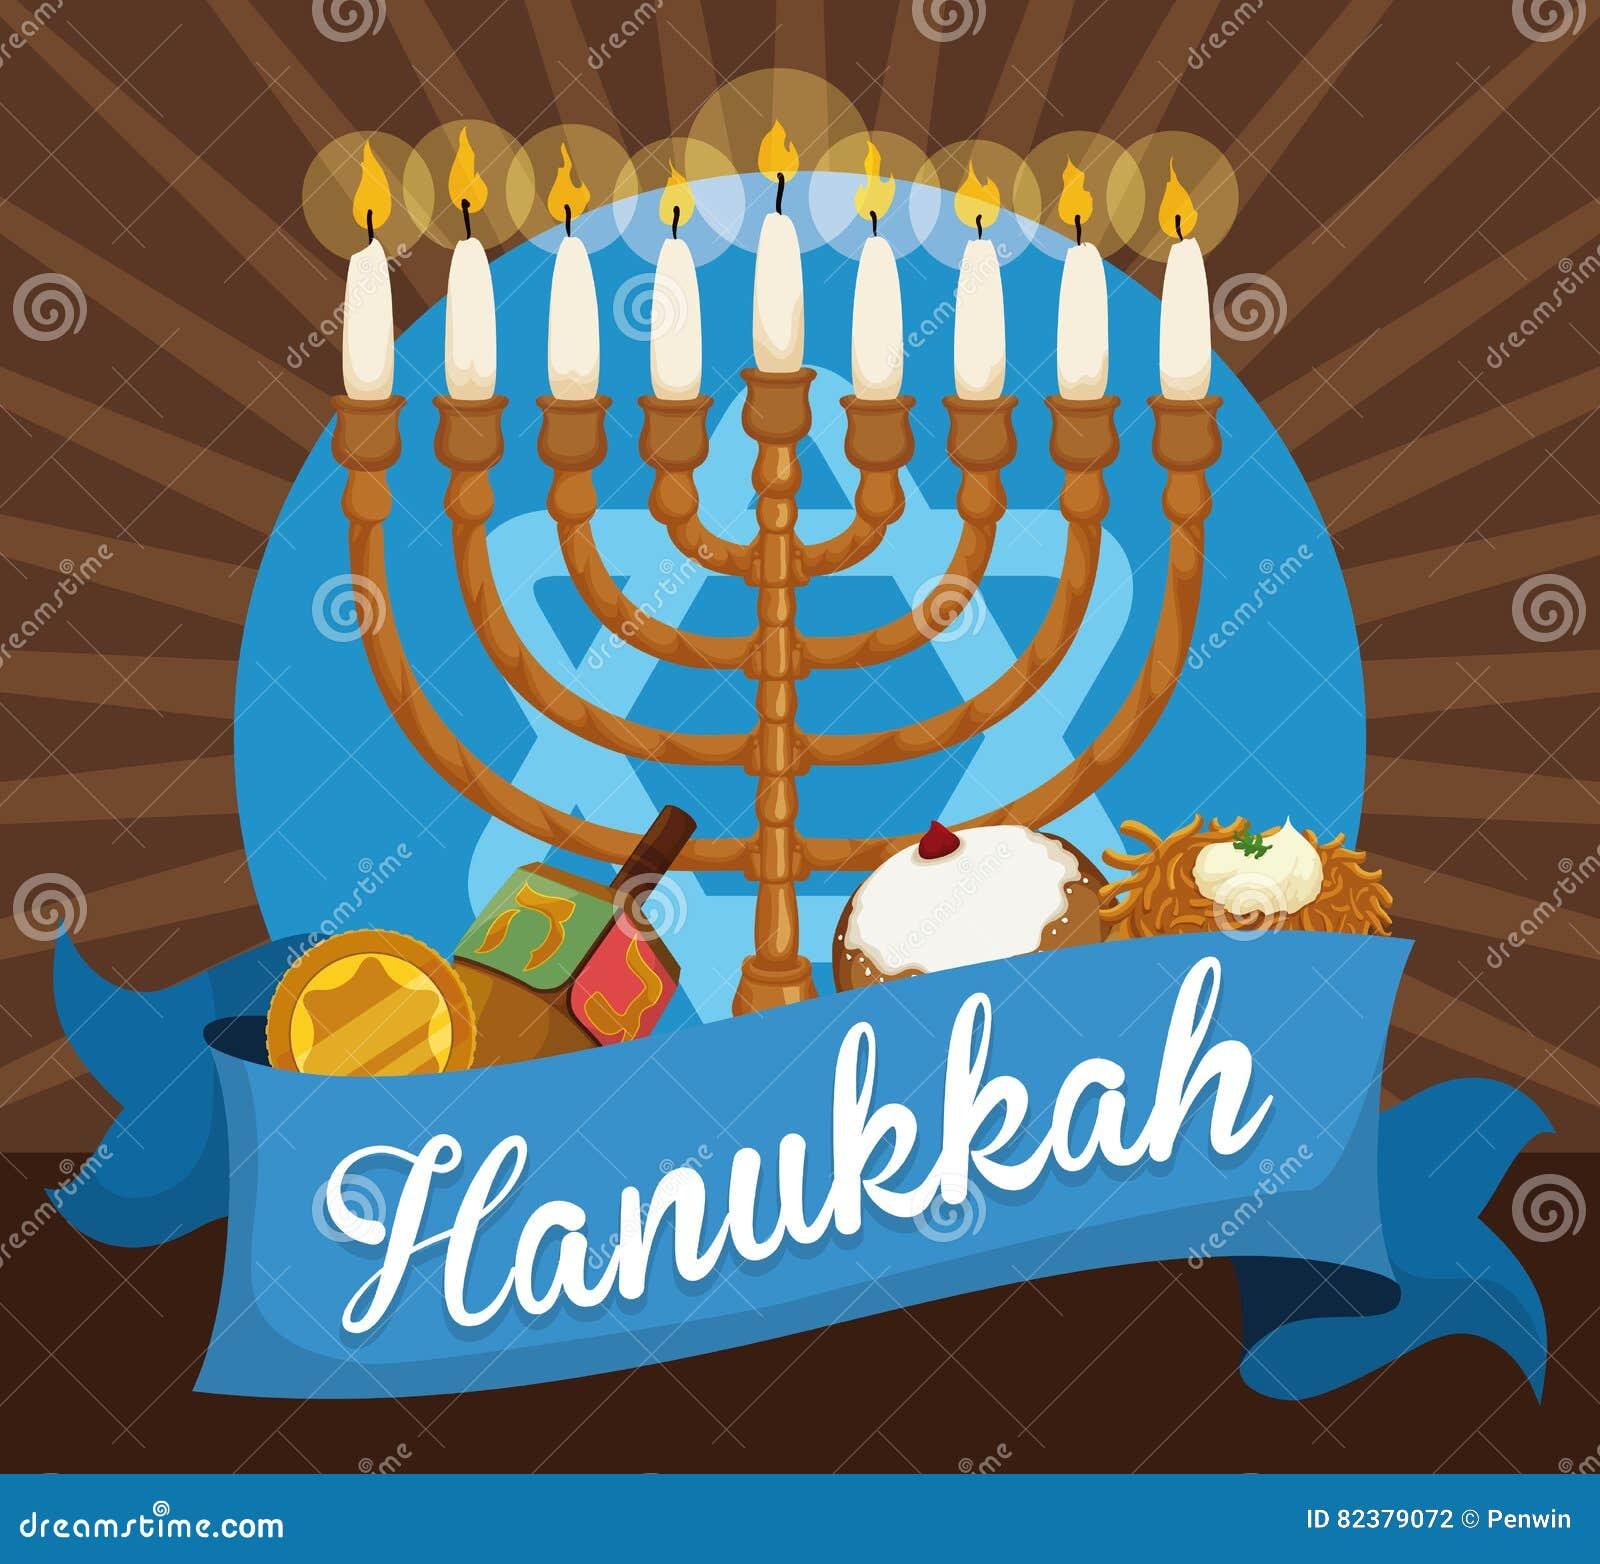 Chanukiah, Gelt, Dreidel, Sufganiyah y Latke para celebrar Jánuca, ejemplo del vector